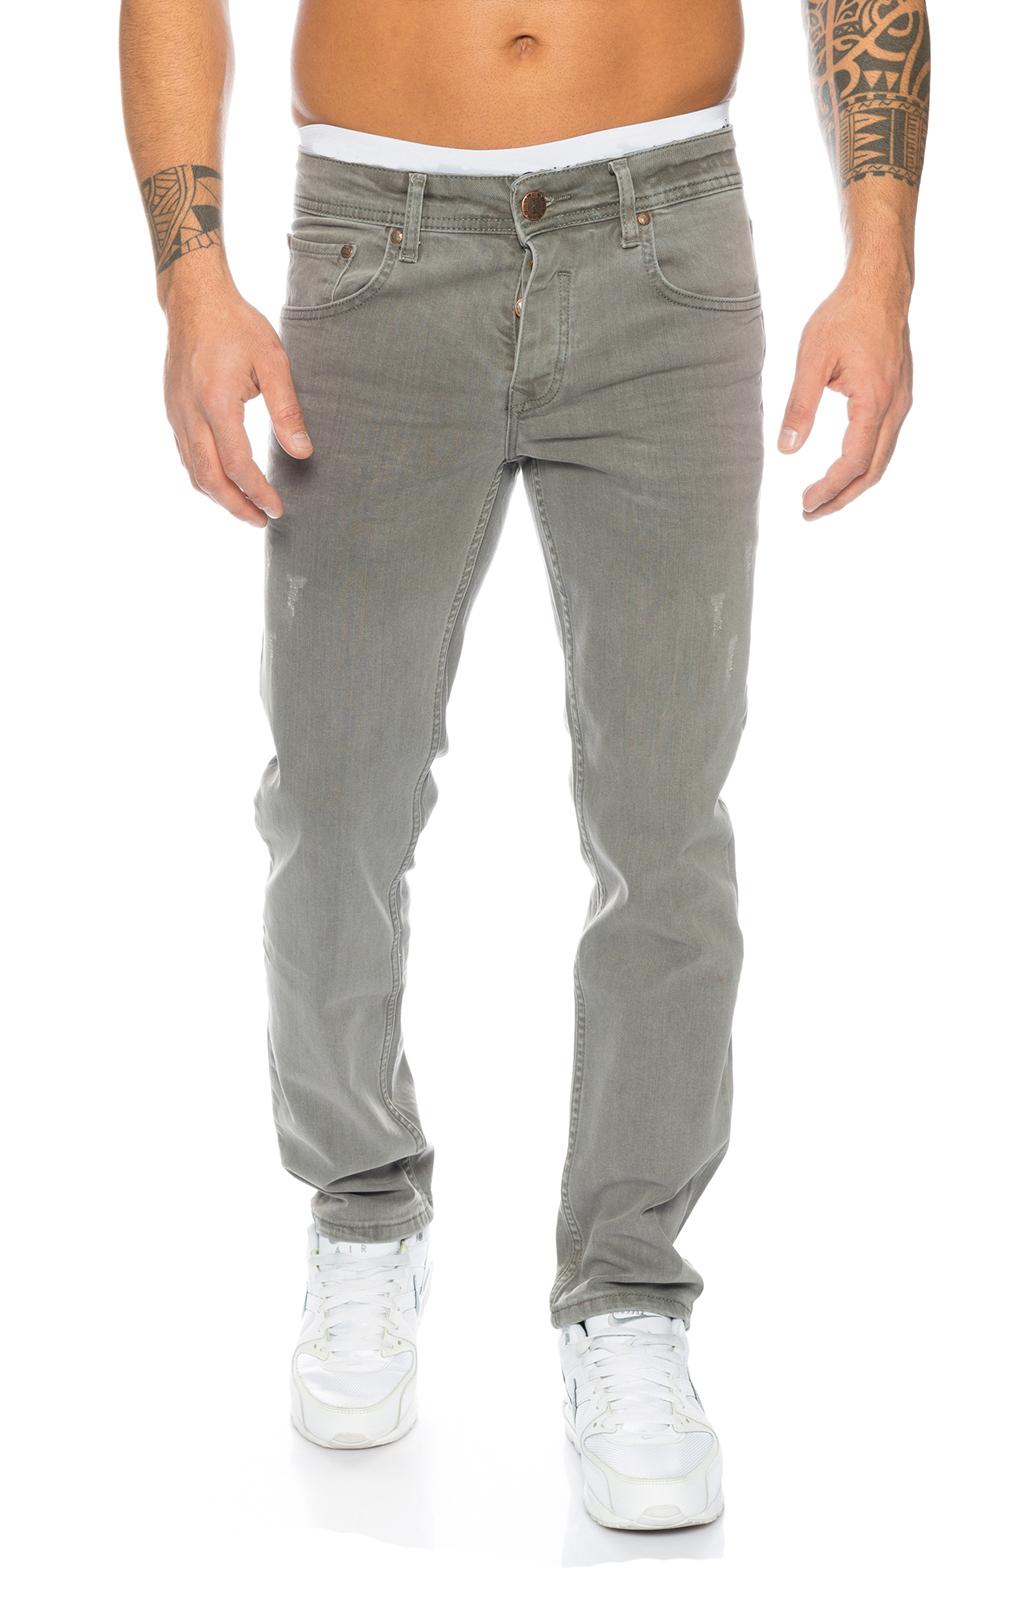 Details zu Rock Creek Herren Jeans Hose Grau Stretch Jeans Denim Raw W29 W44 RC 2097 NEU